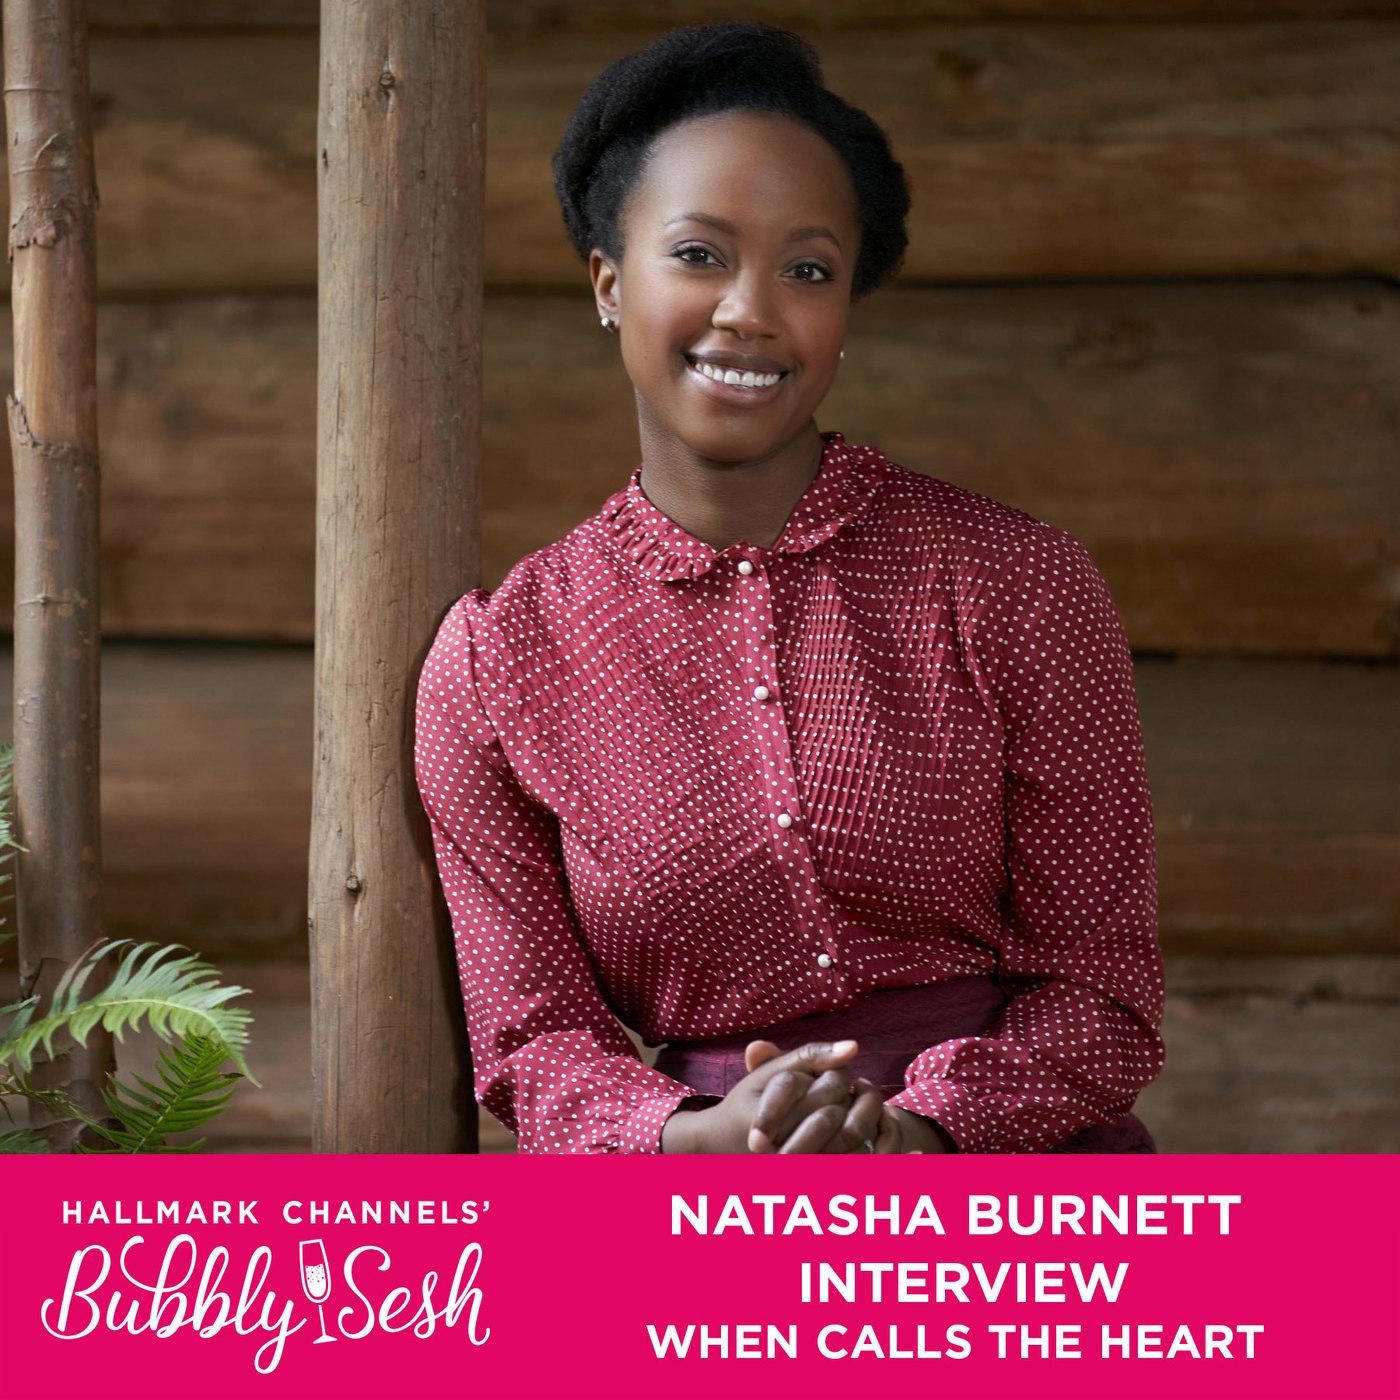 Natasha Burnett Interview